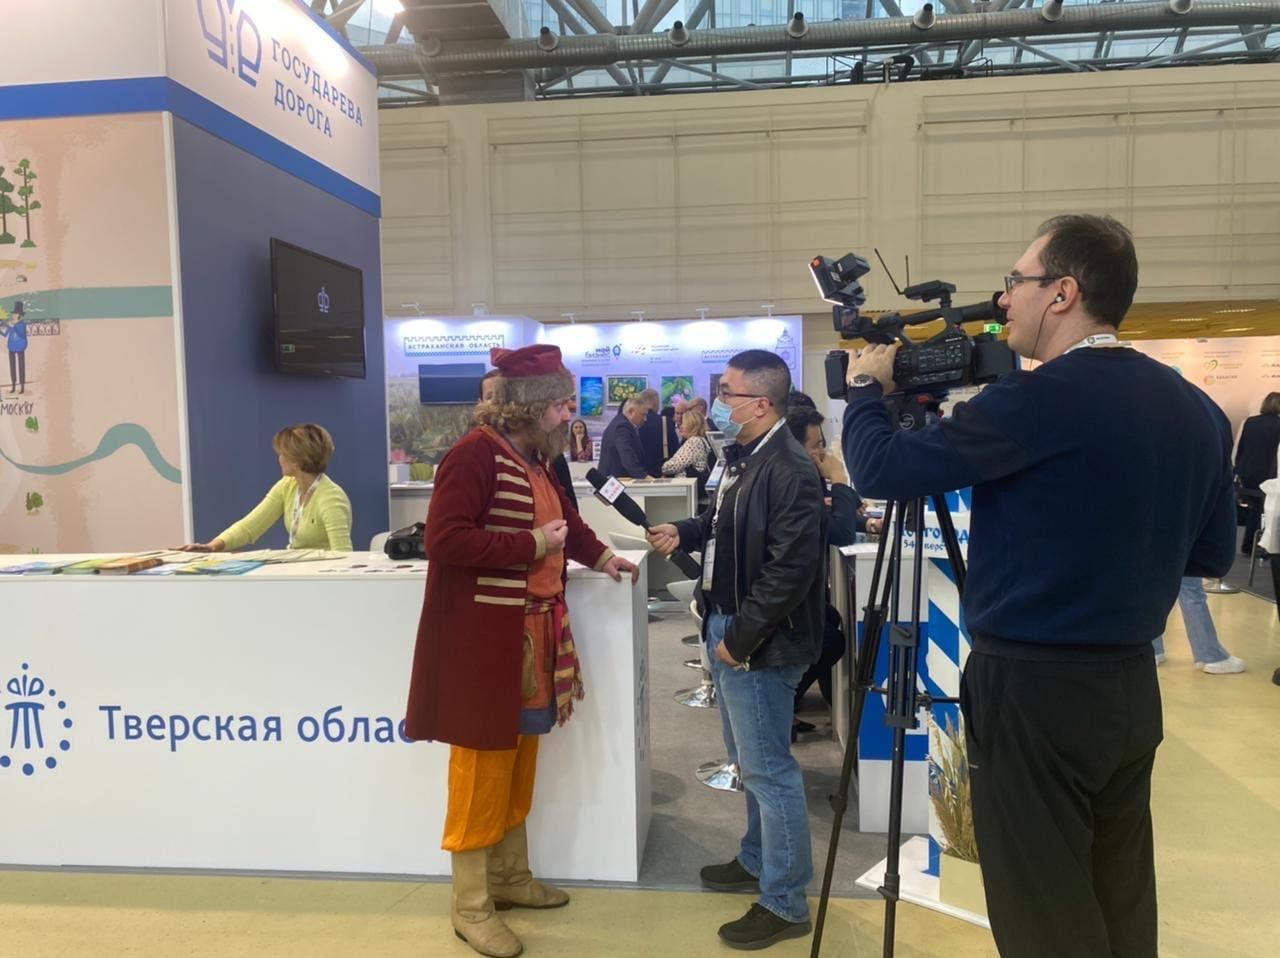 Тверская область презентует новый маршрут «Пушкин» на международной выставке